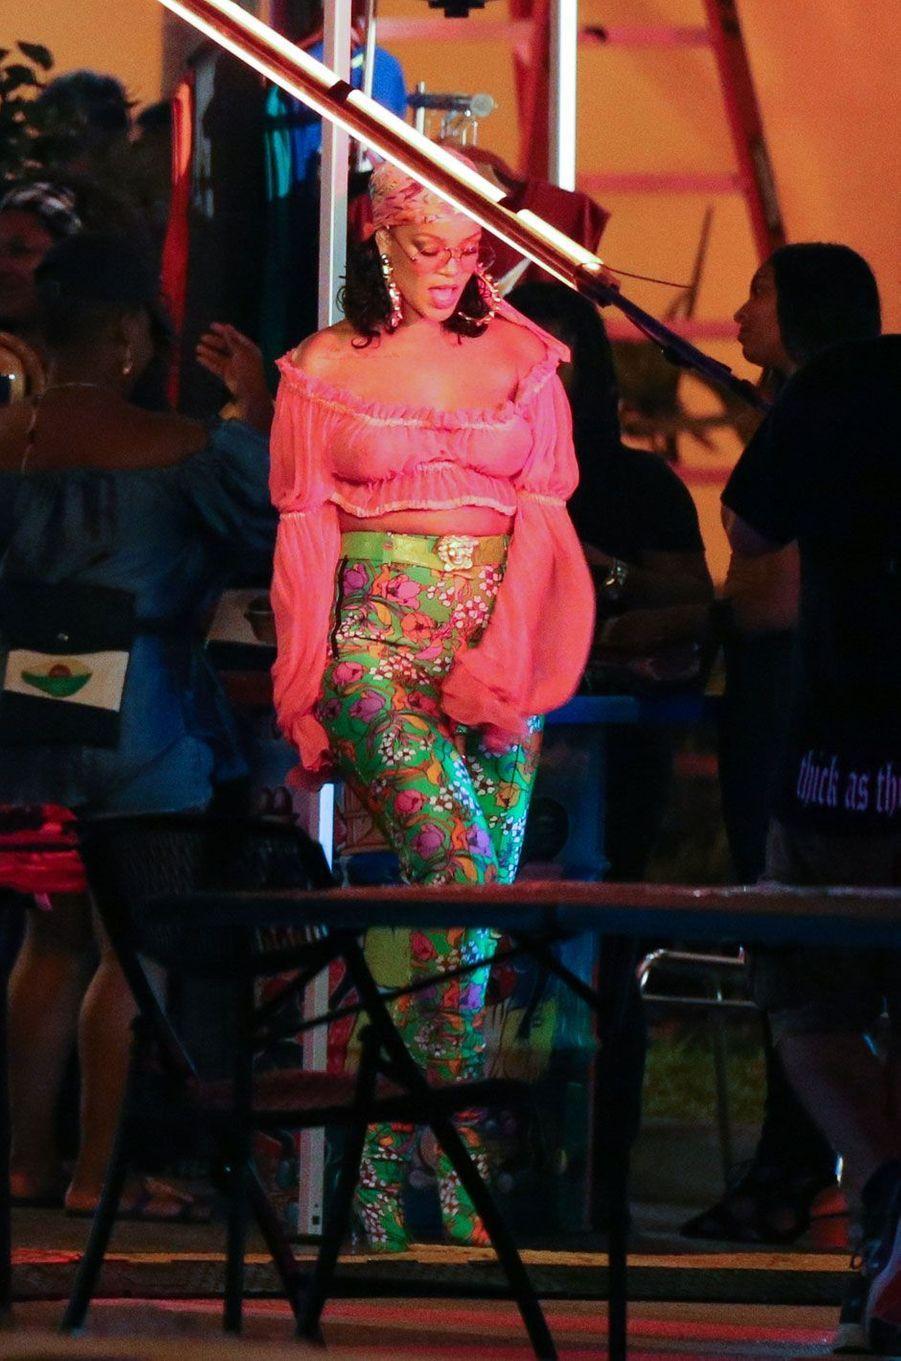 La chanteuse Rihanna